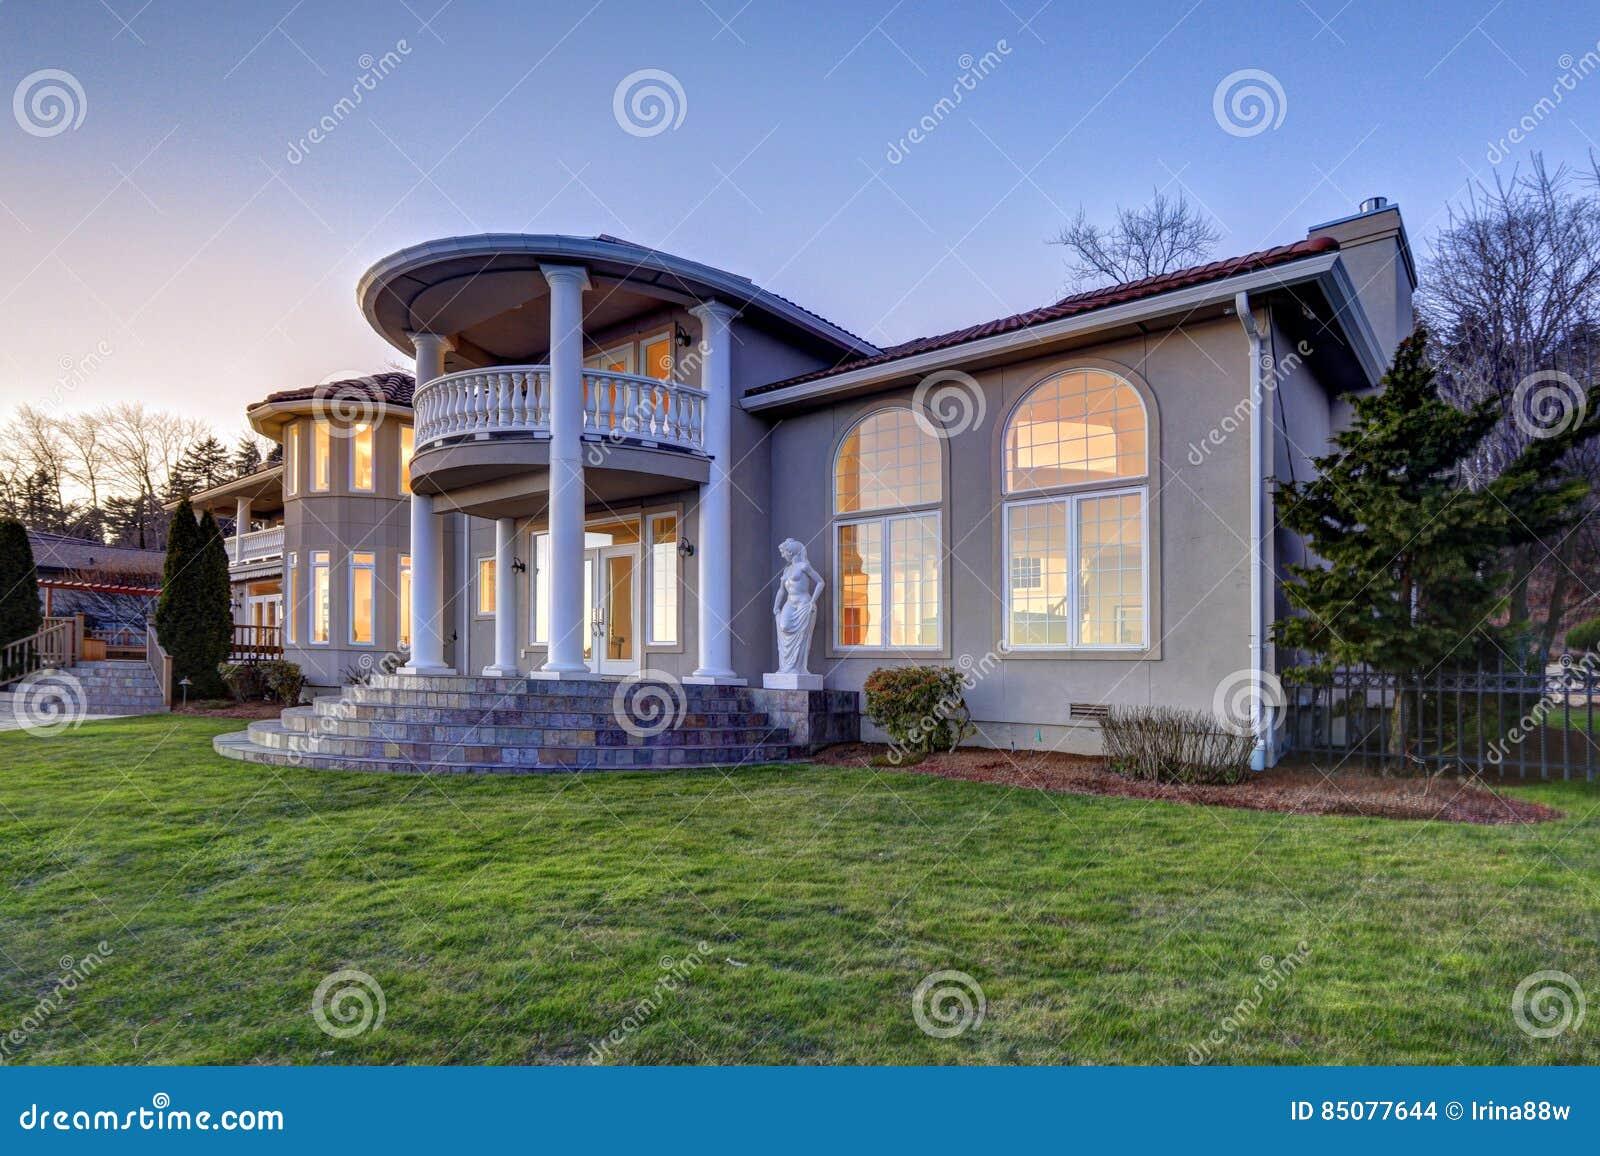 Esterno di lusso della casa di lungomare di stile for Casa di ranch stile artigiano